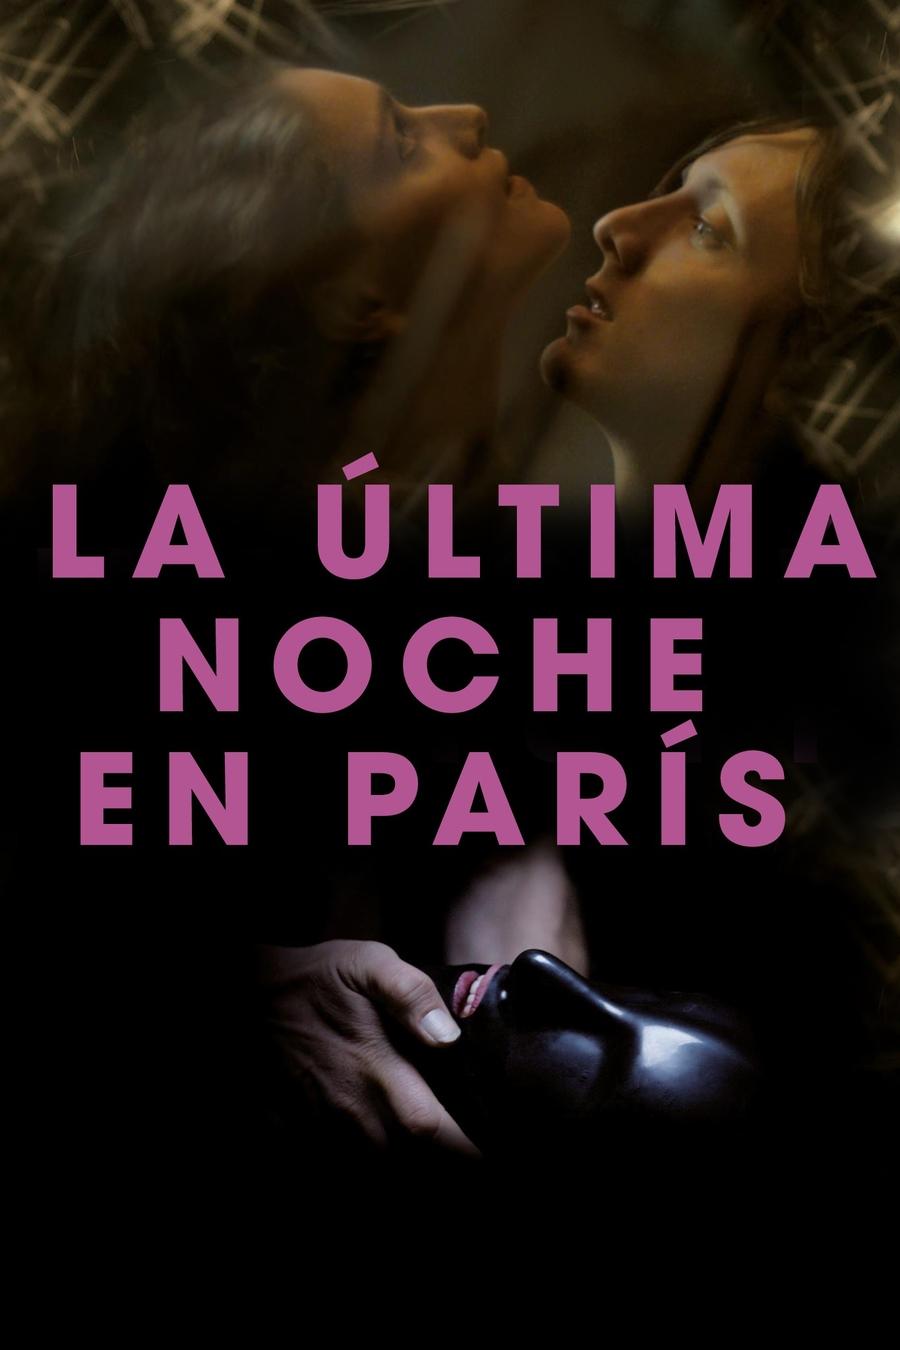 La última noche en París